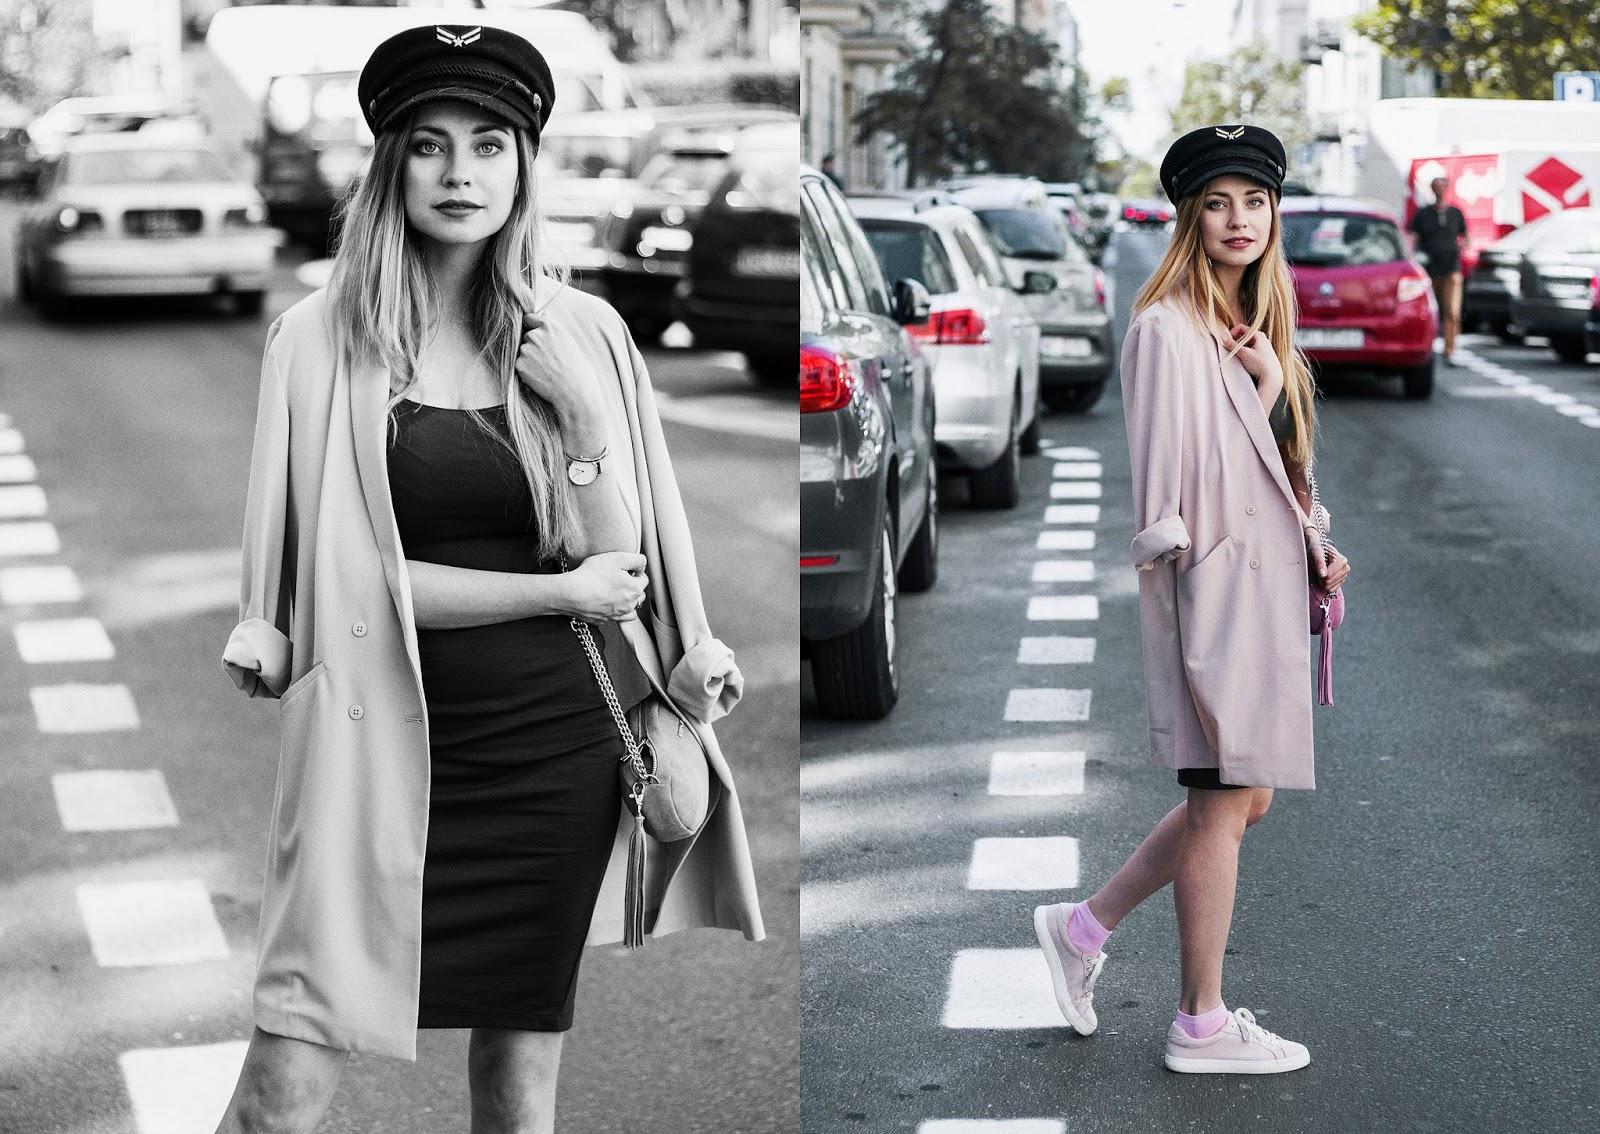 Fashion Street with Juliette | MONE PHOTOS